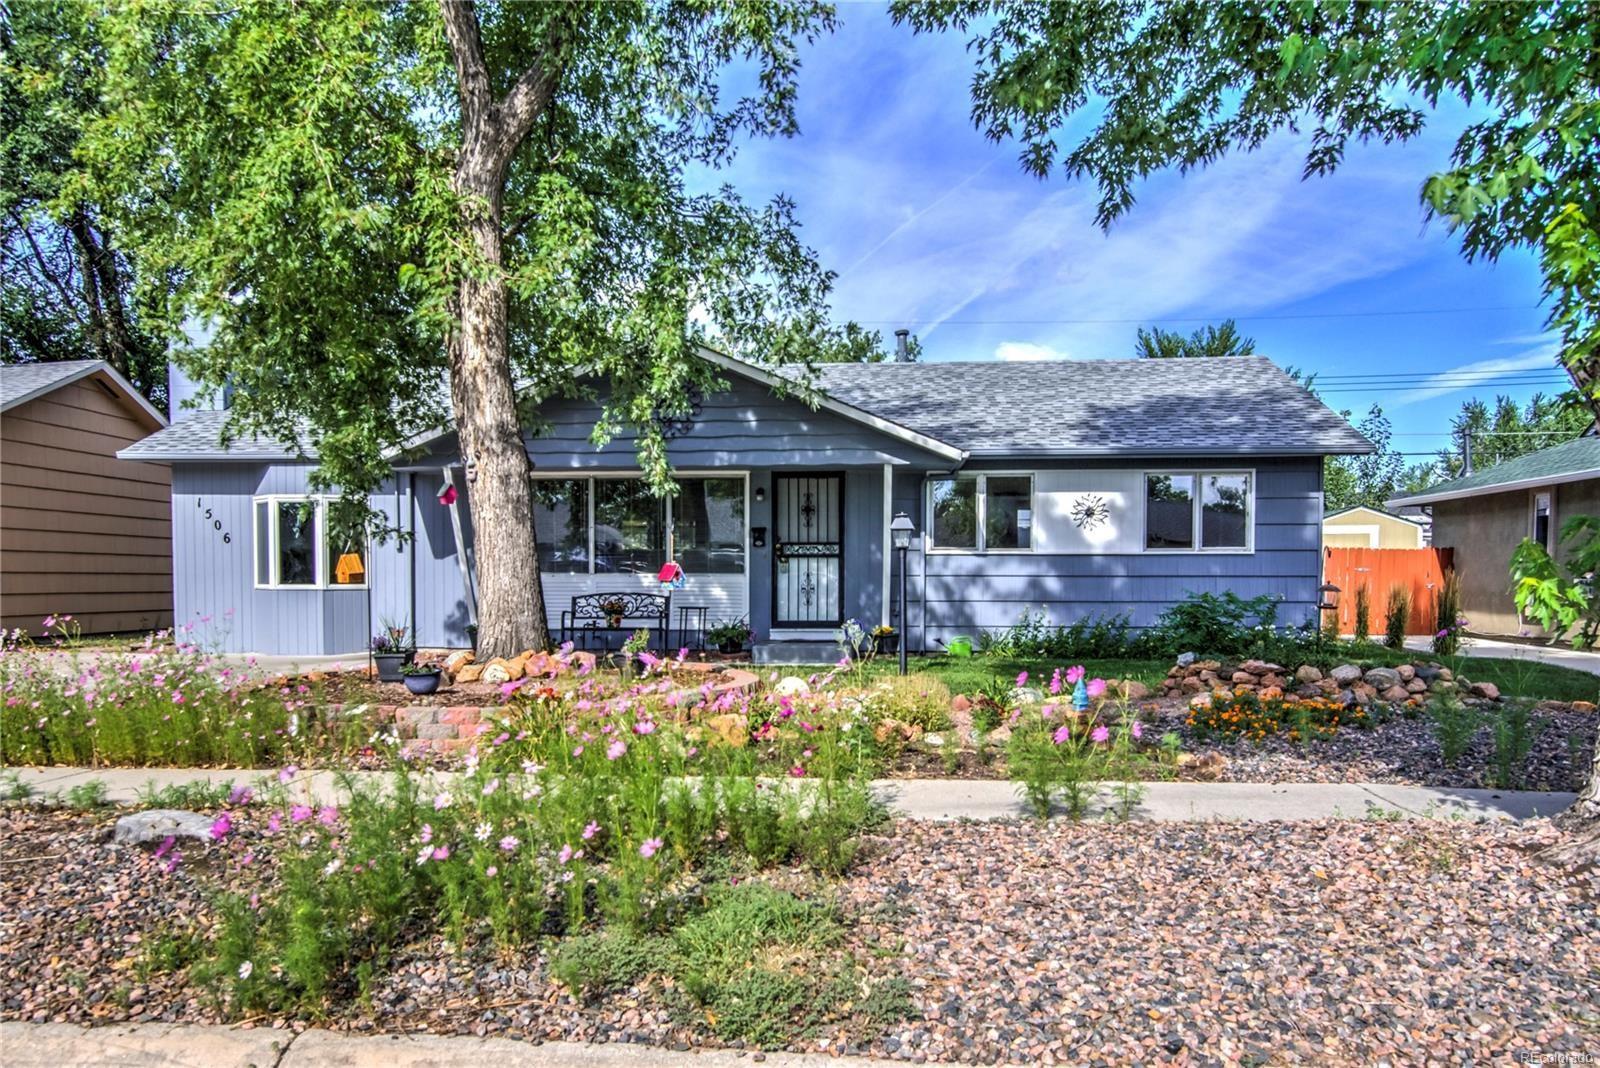 MLS# 4355129 - 1 - 1506 Querida Drive, Colorado Springs, CO 80909